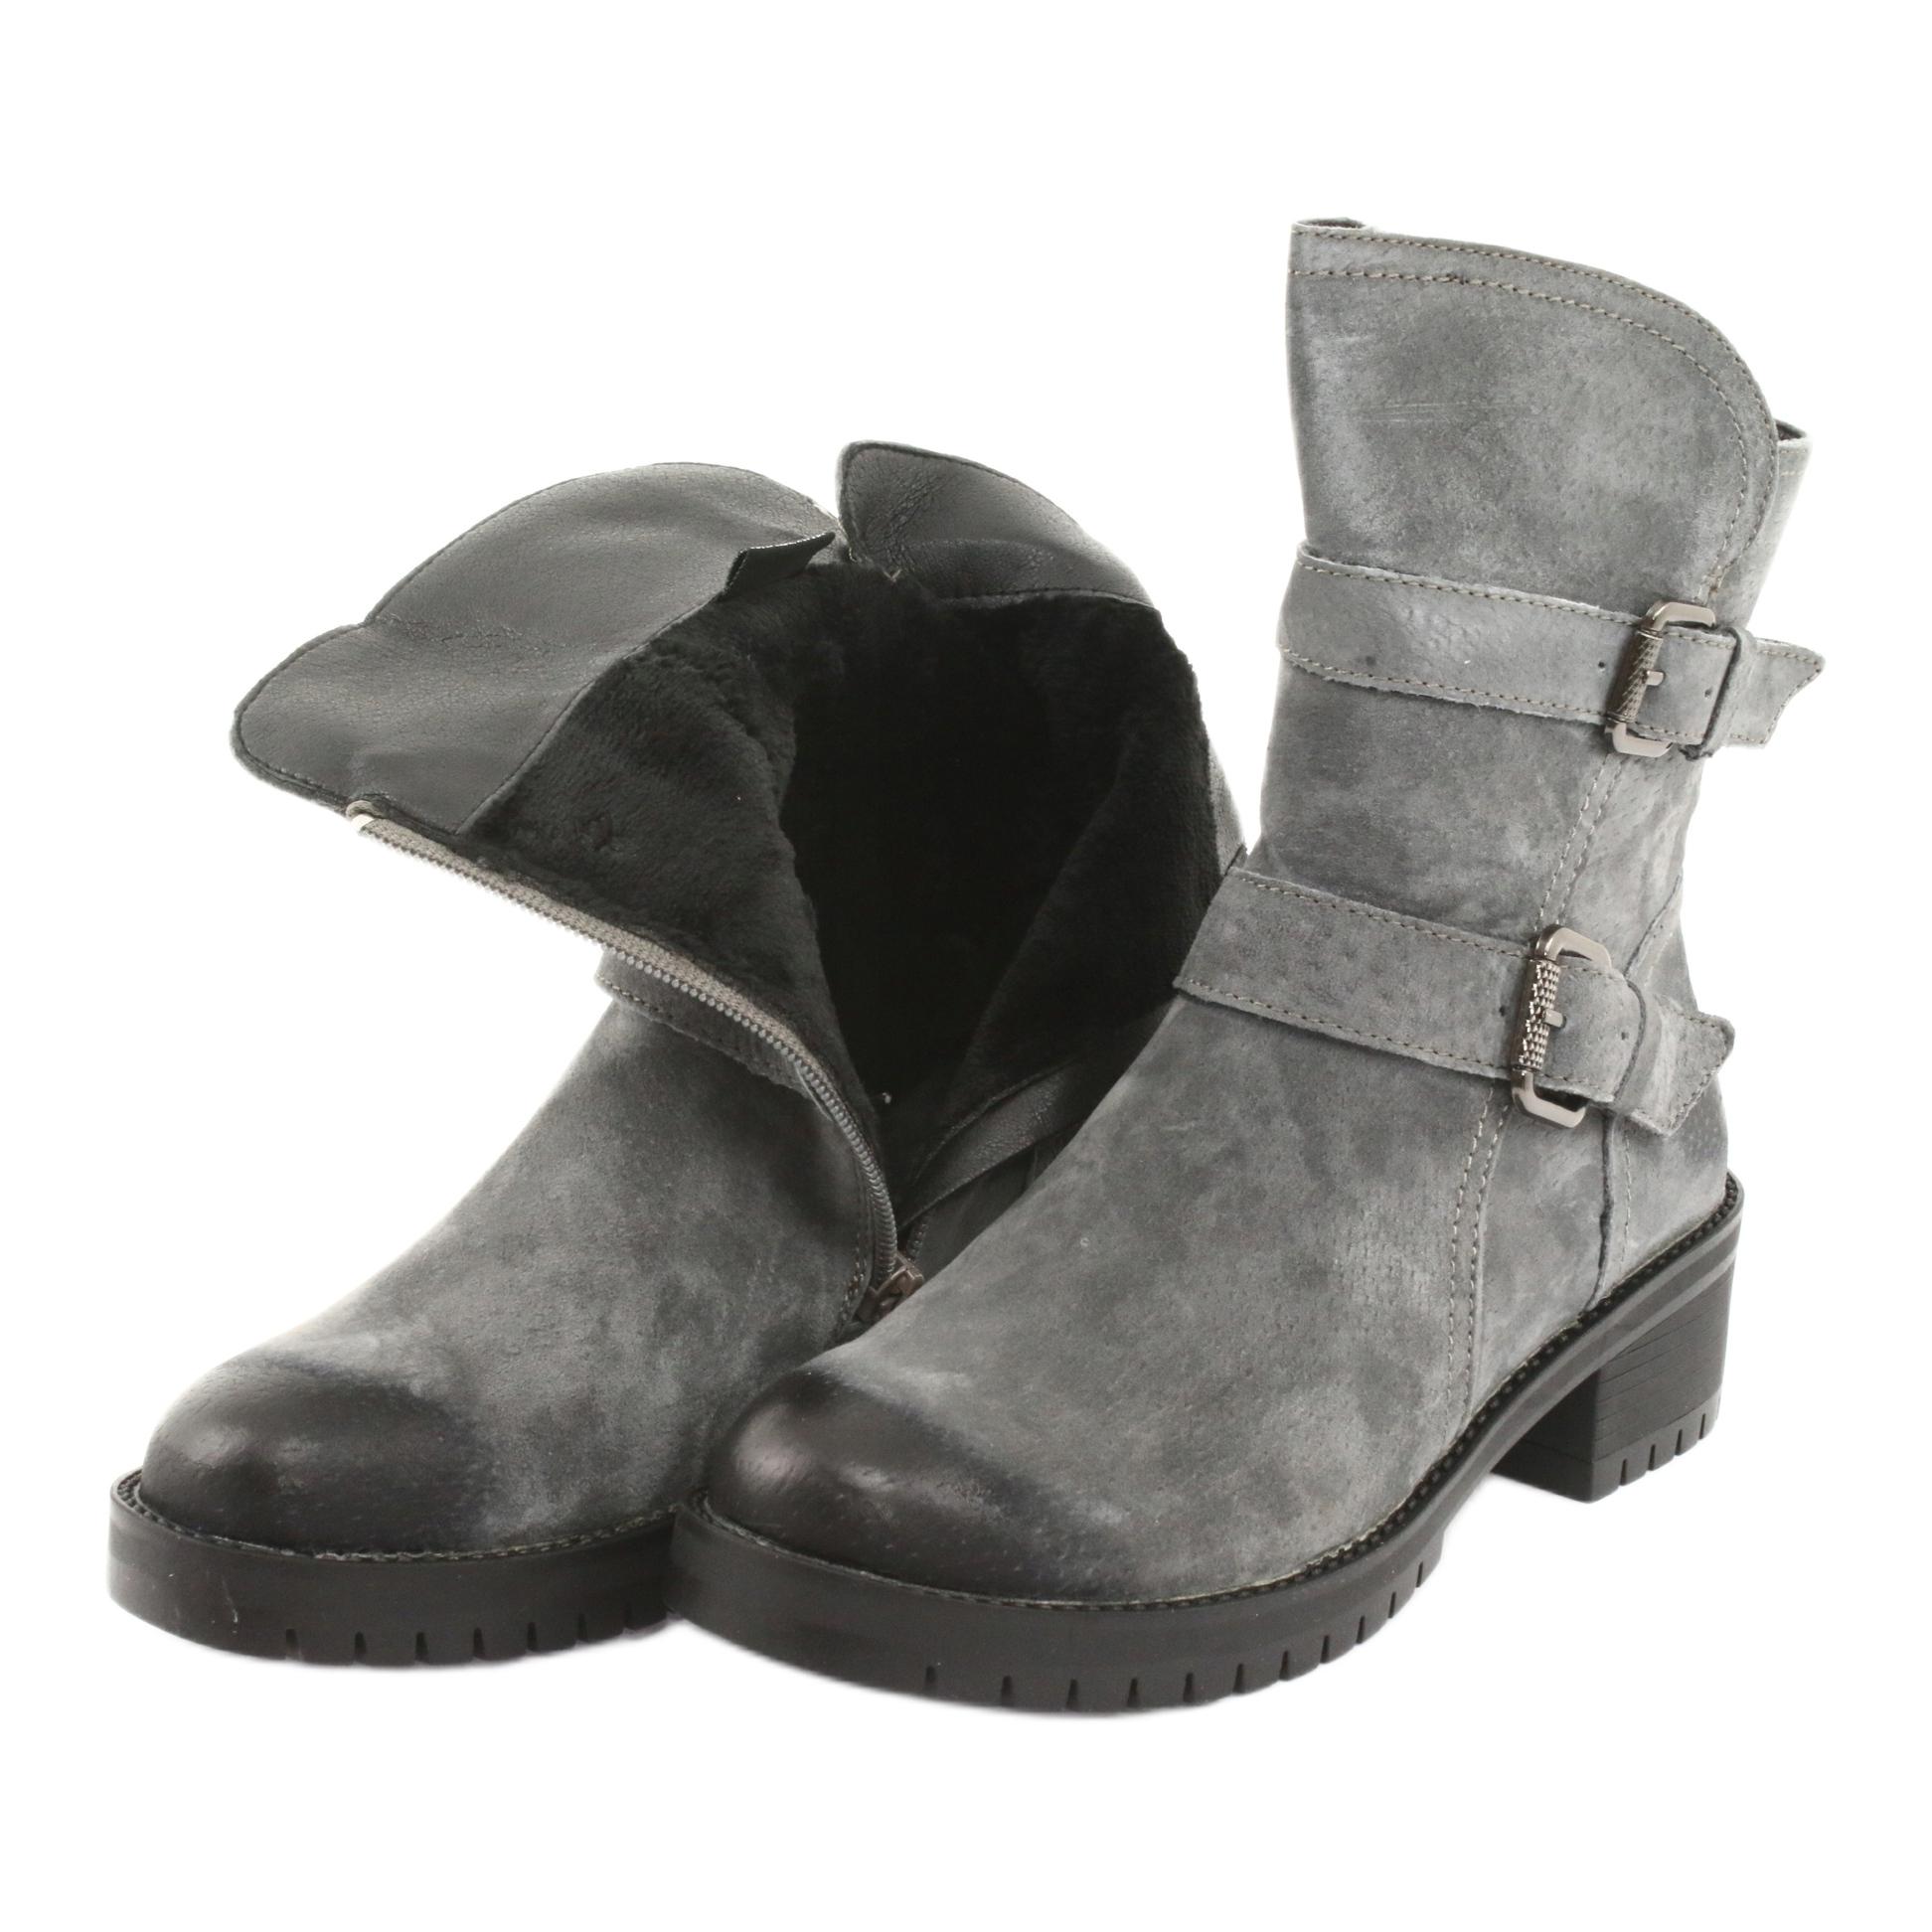 Stivali-di-pelle-scamosciata-grigia-Daszy-ski-161-grigio miniatura 6